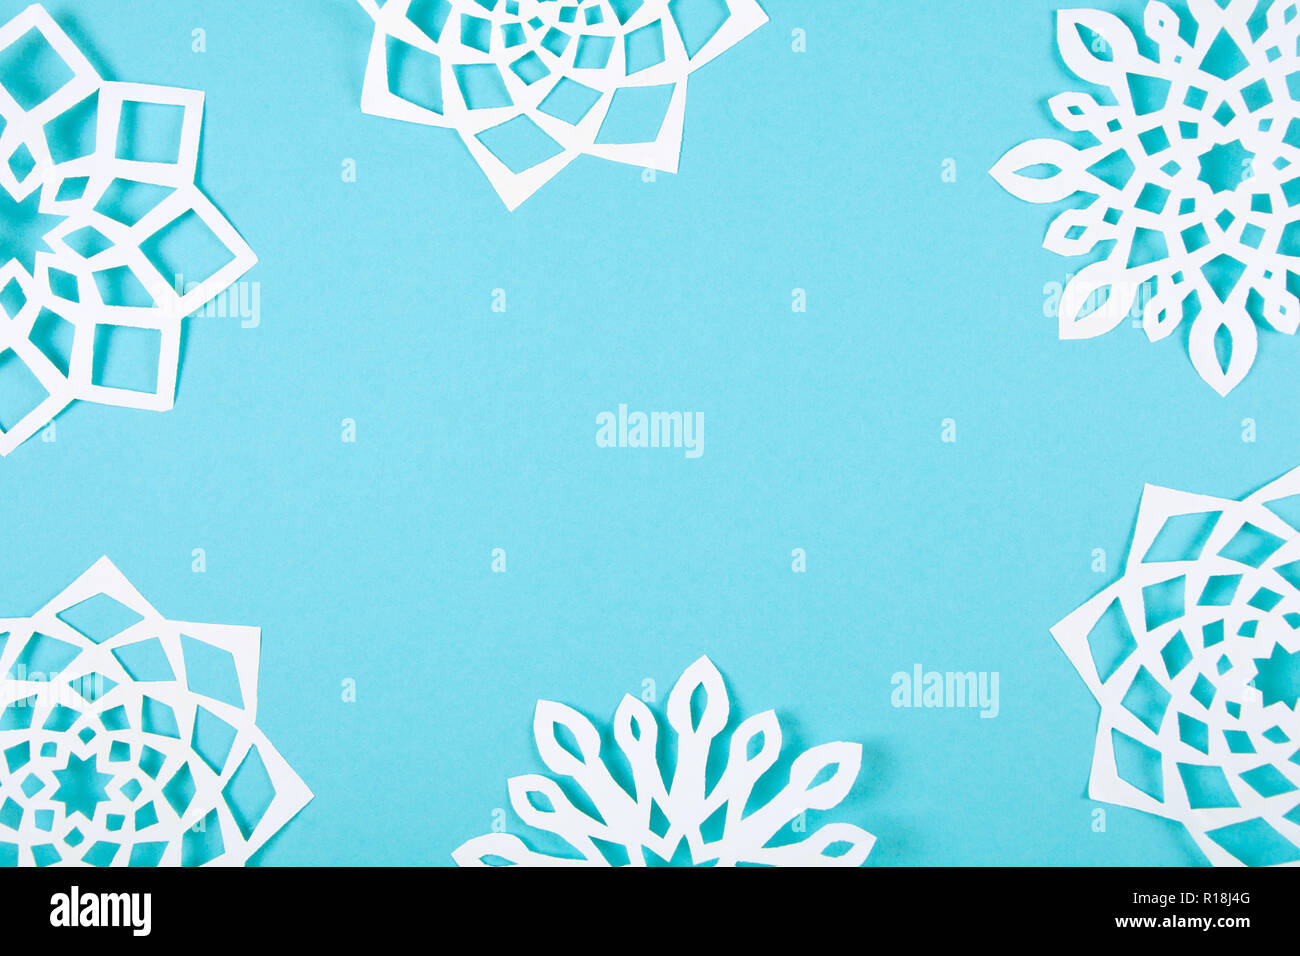 Papier Schneeflocken Auf Blauem Hintergrund Ansicht Von Oben